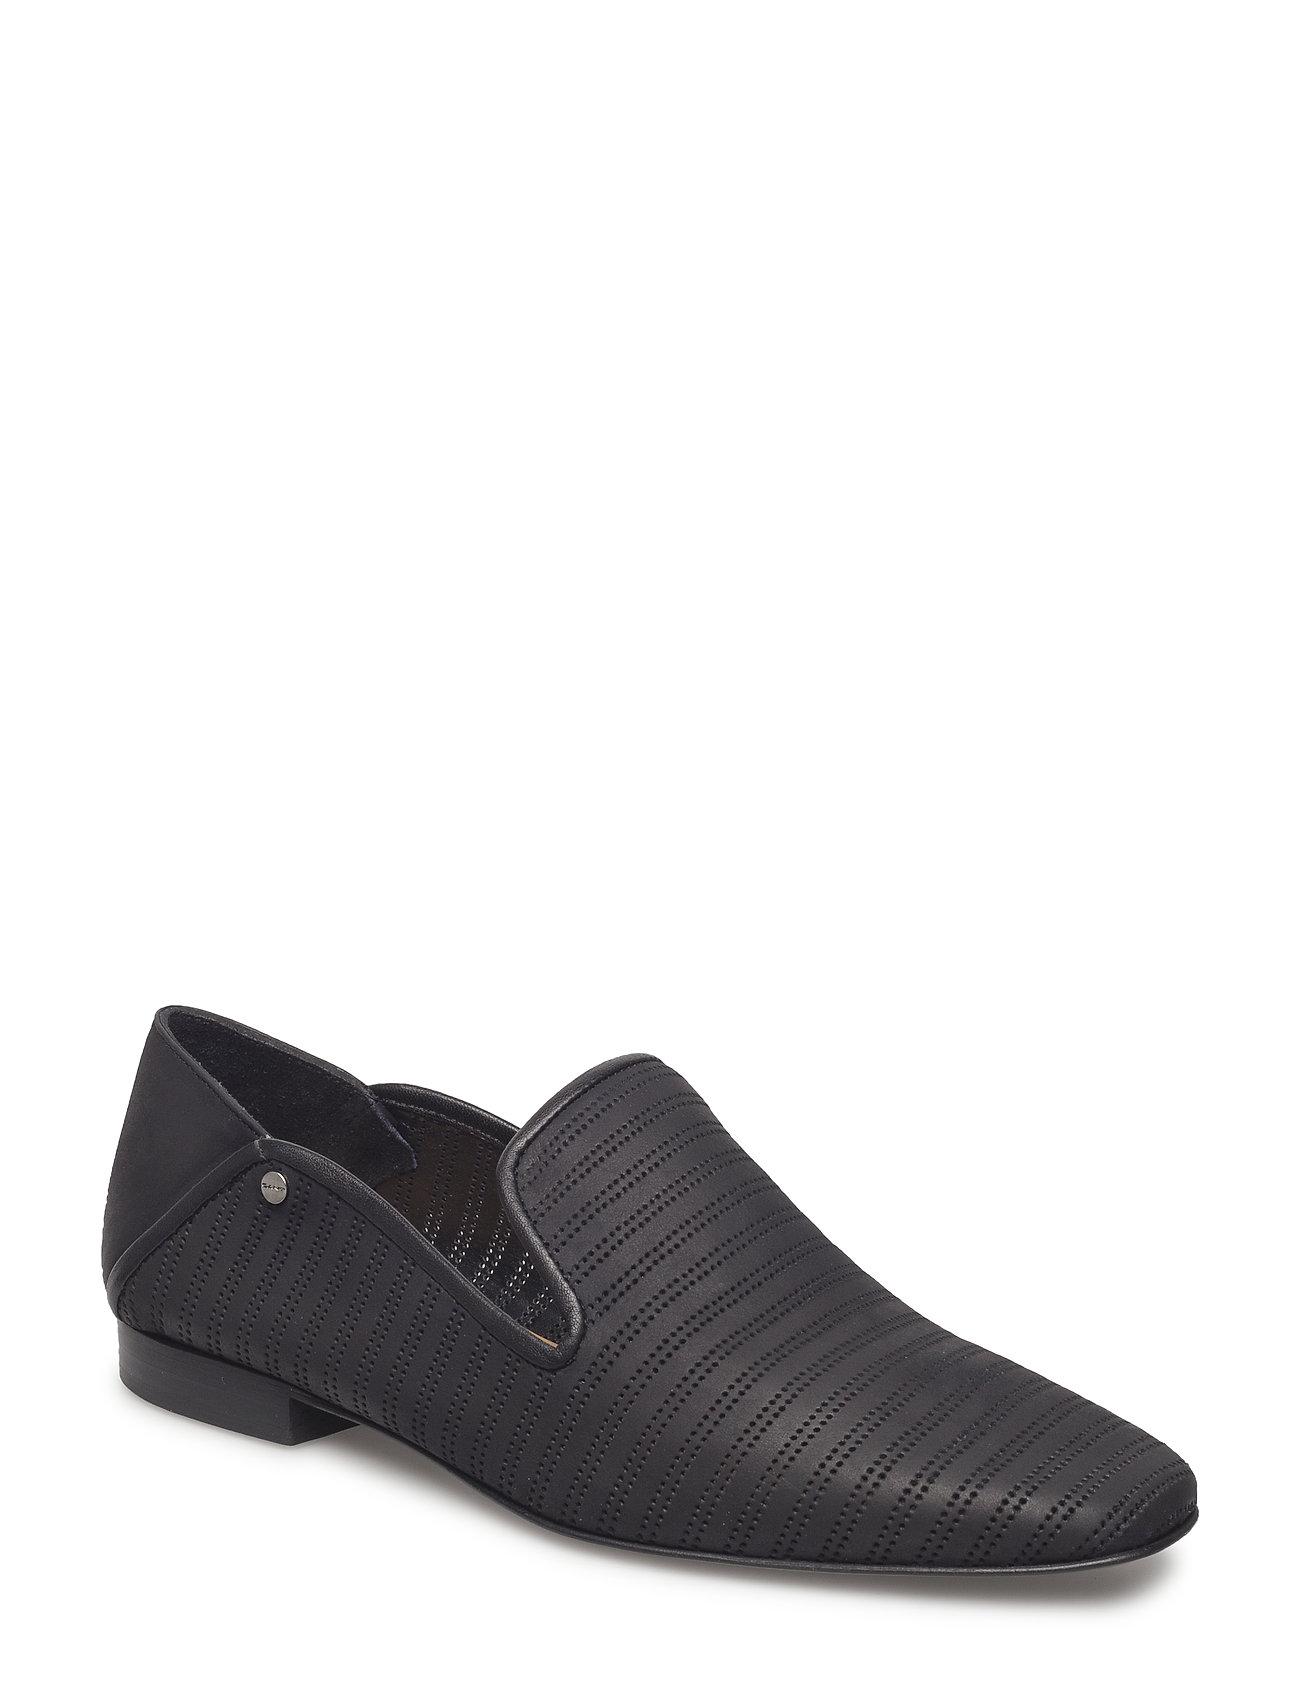 Melinda Slip On Shoes Loafers Flade Sko Sort GANT